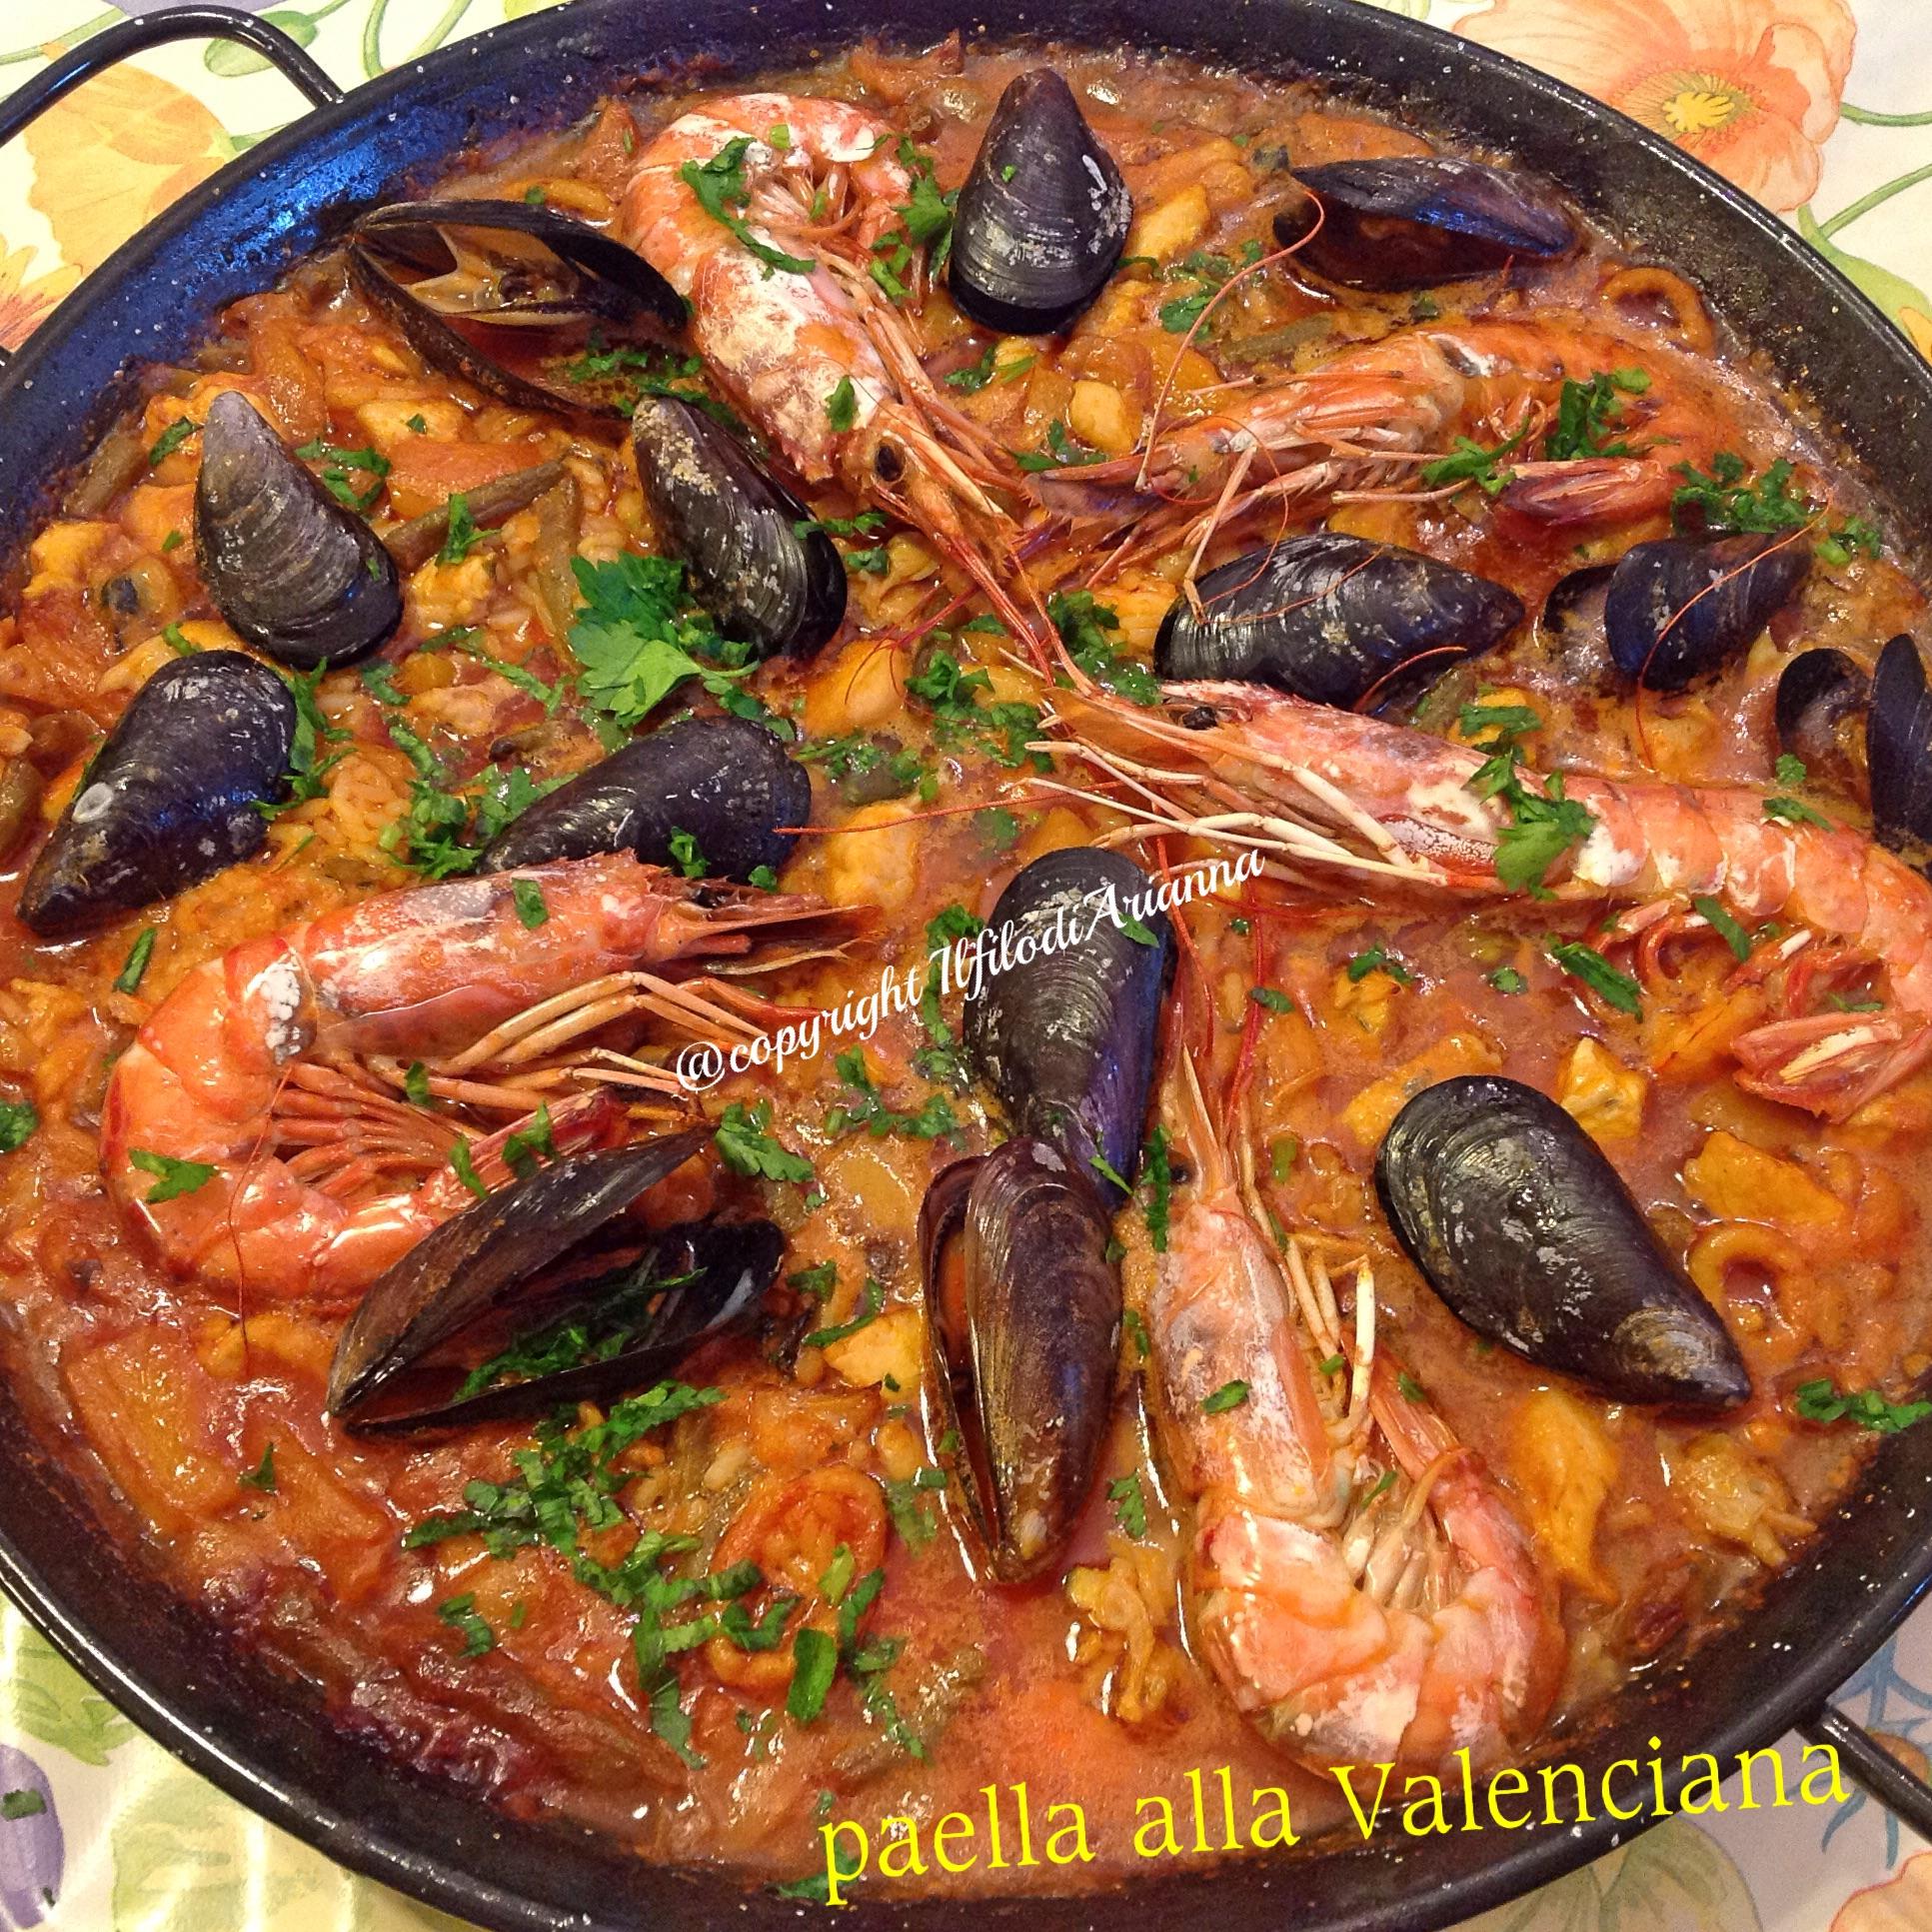 Paella alla valenciana.....Espana!!!!